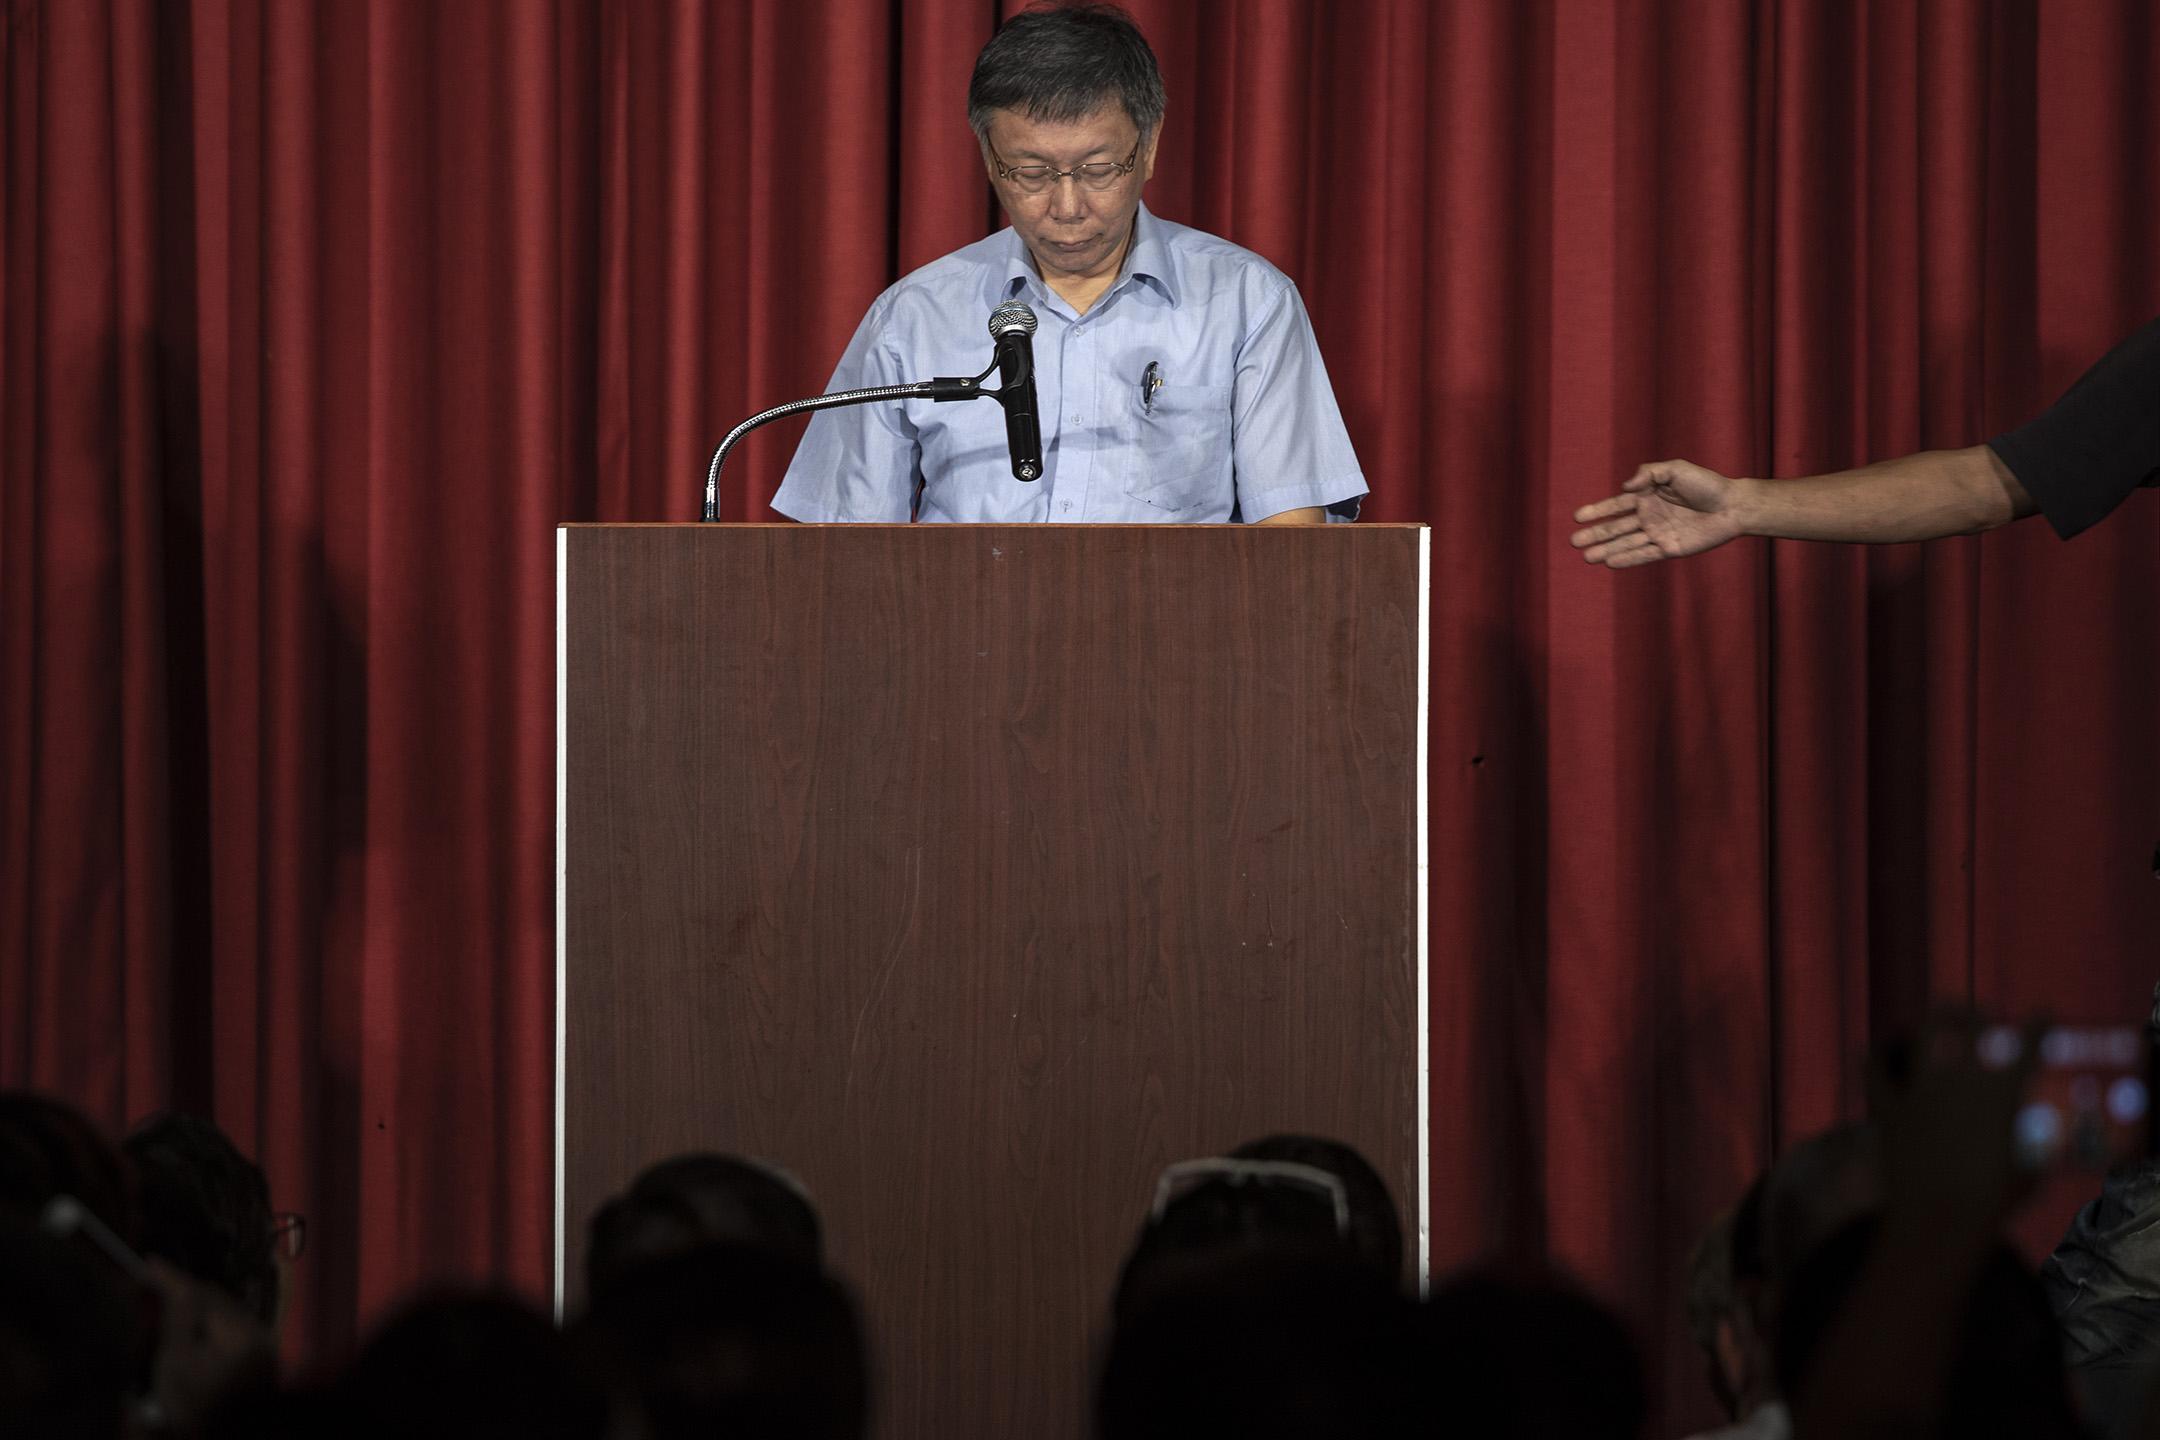 2019年8月6日,柯文哲宣布成立「台灣民眾黨」。 攝:陳焯煇/端傳媒